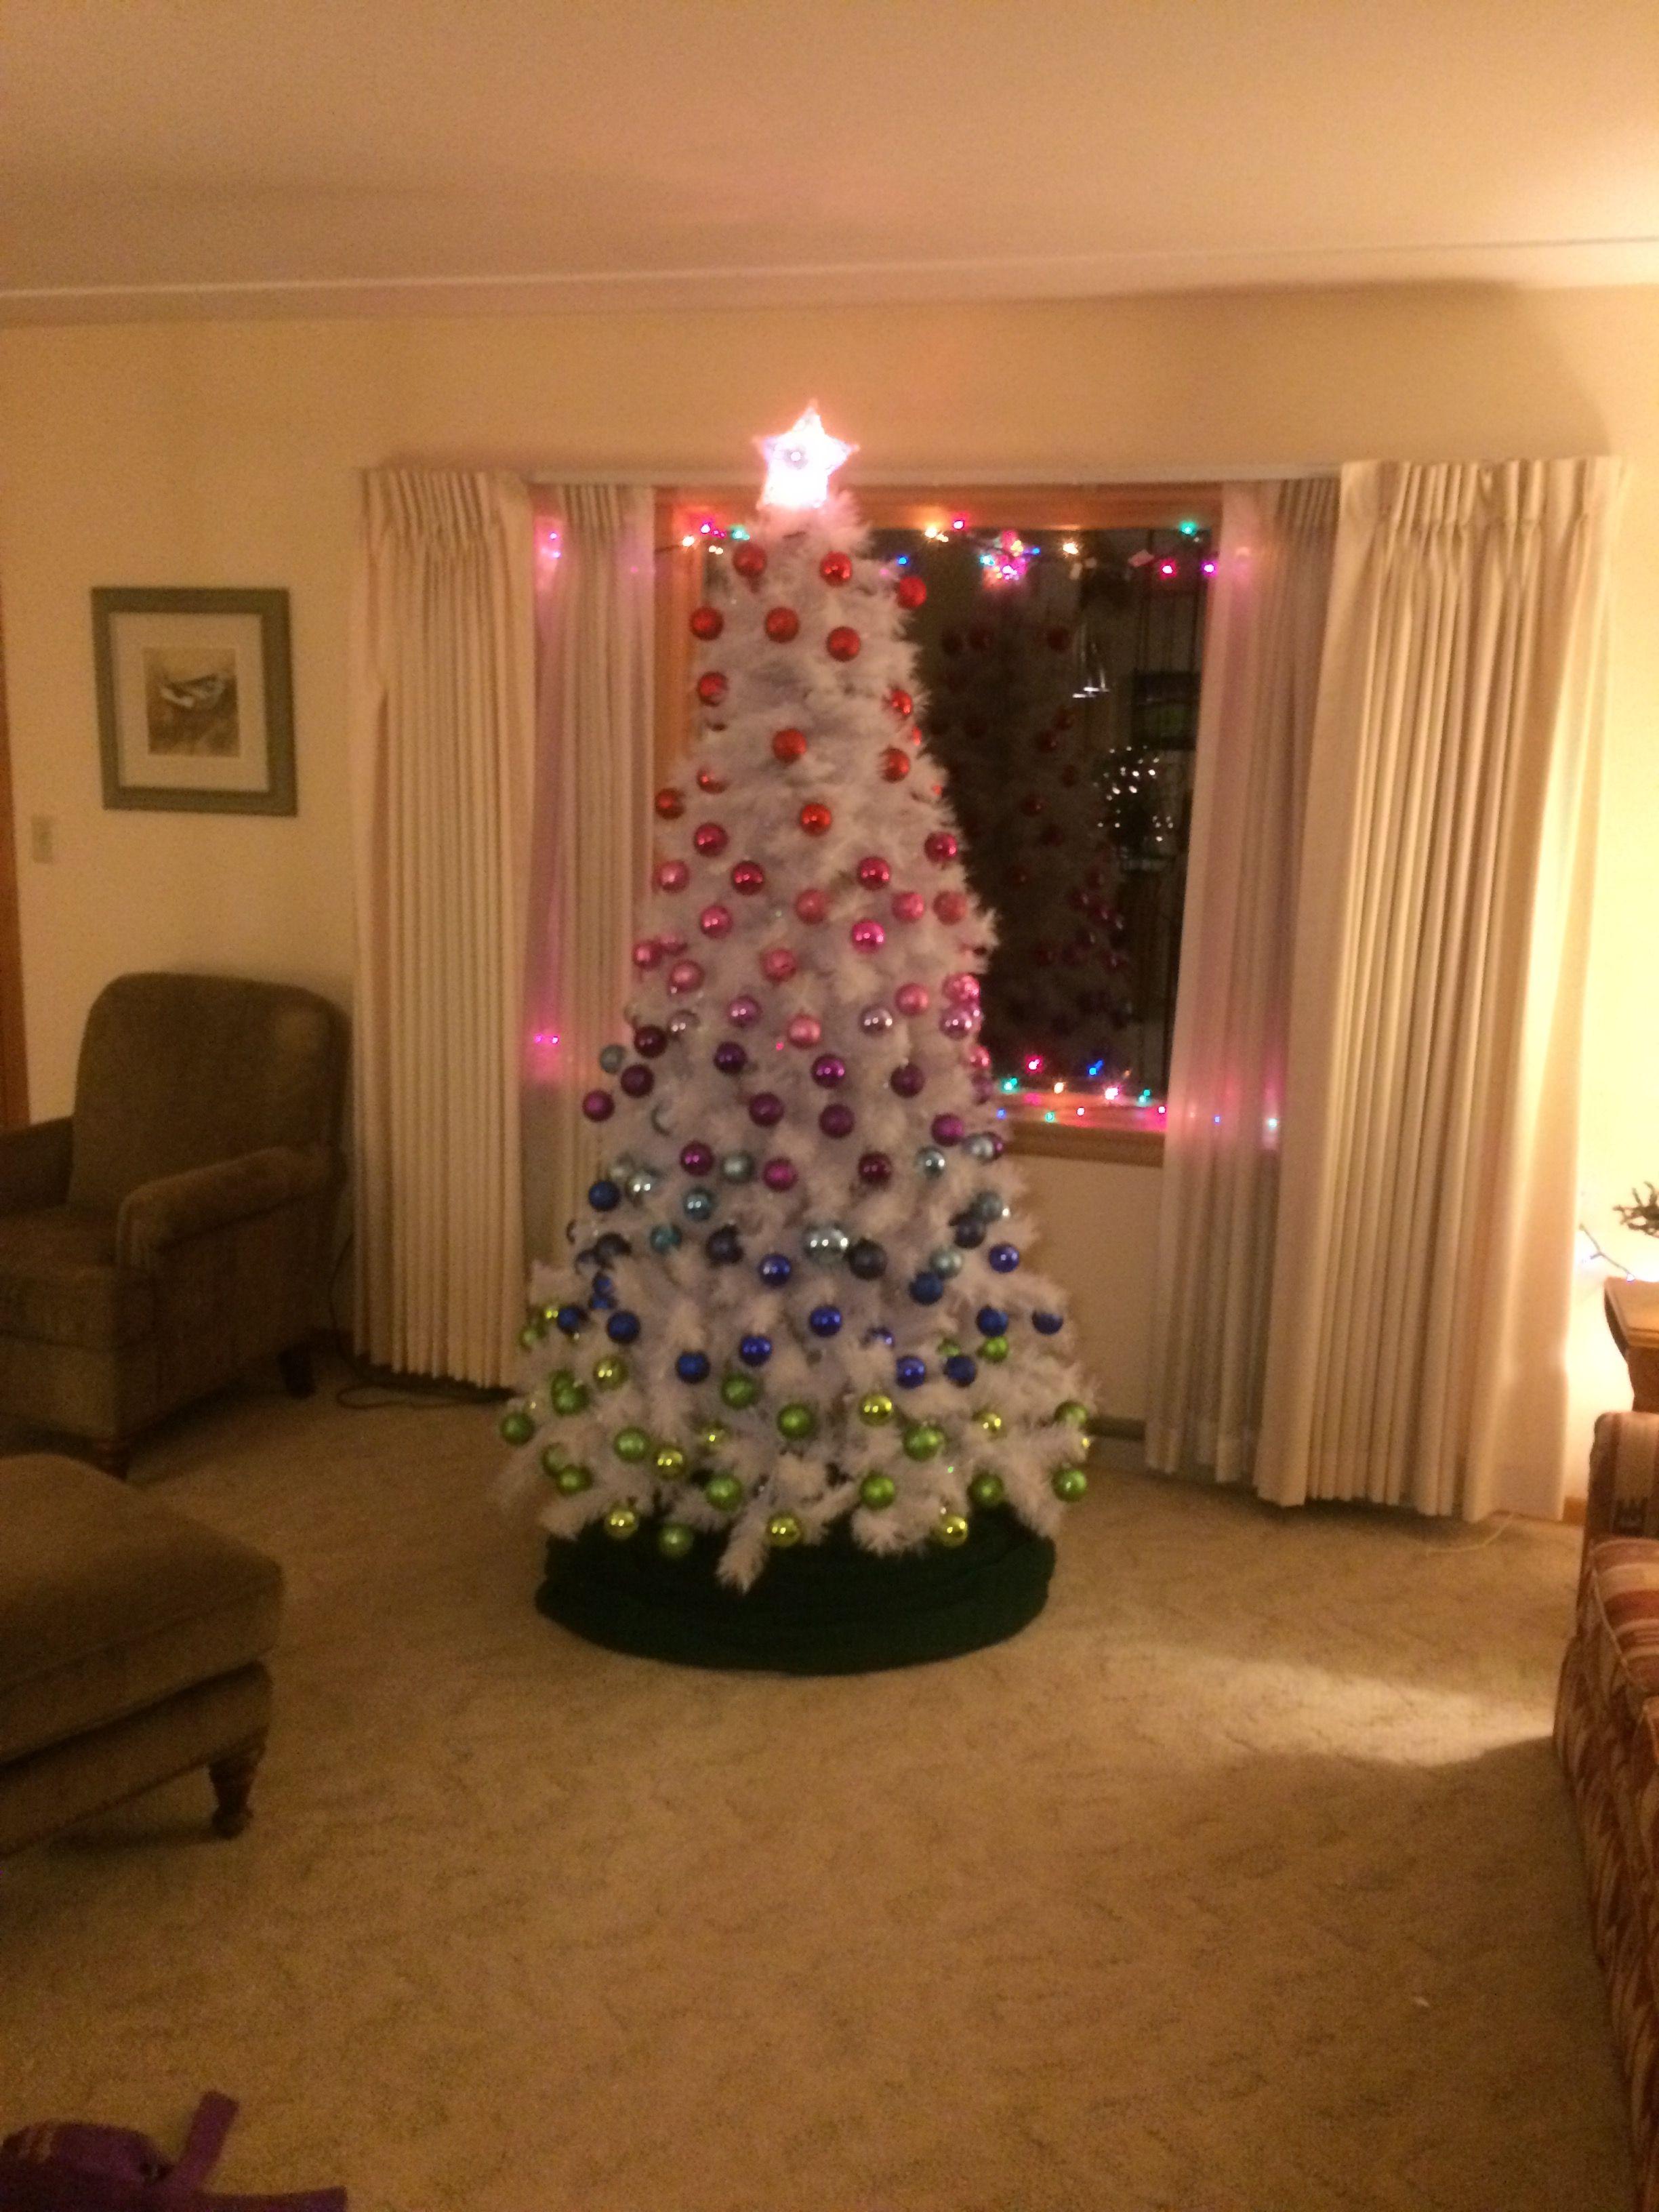 Pin By Kim Bornstine On Christmas Christmas Tree Christmas Holiday Decor